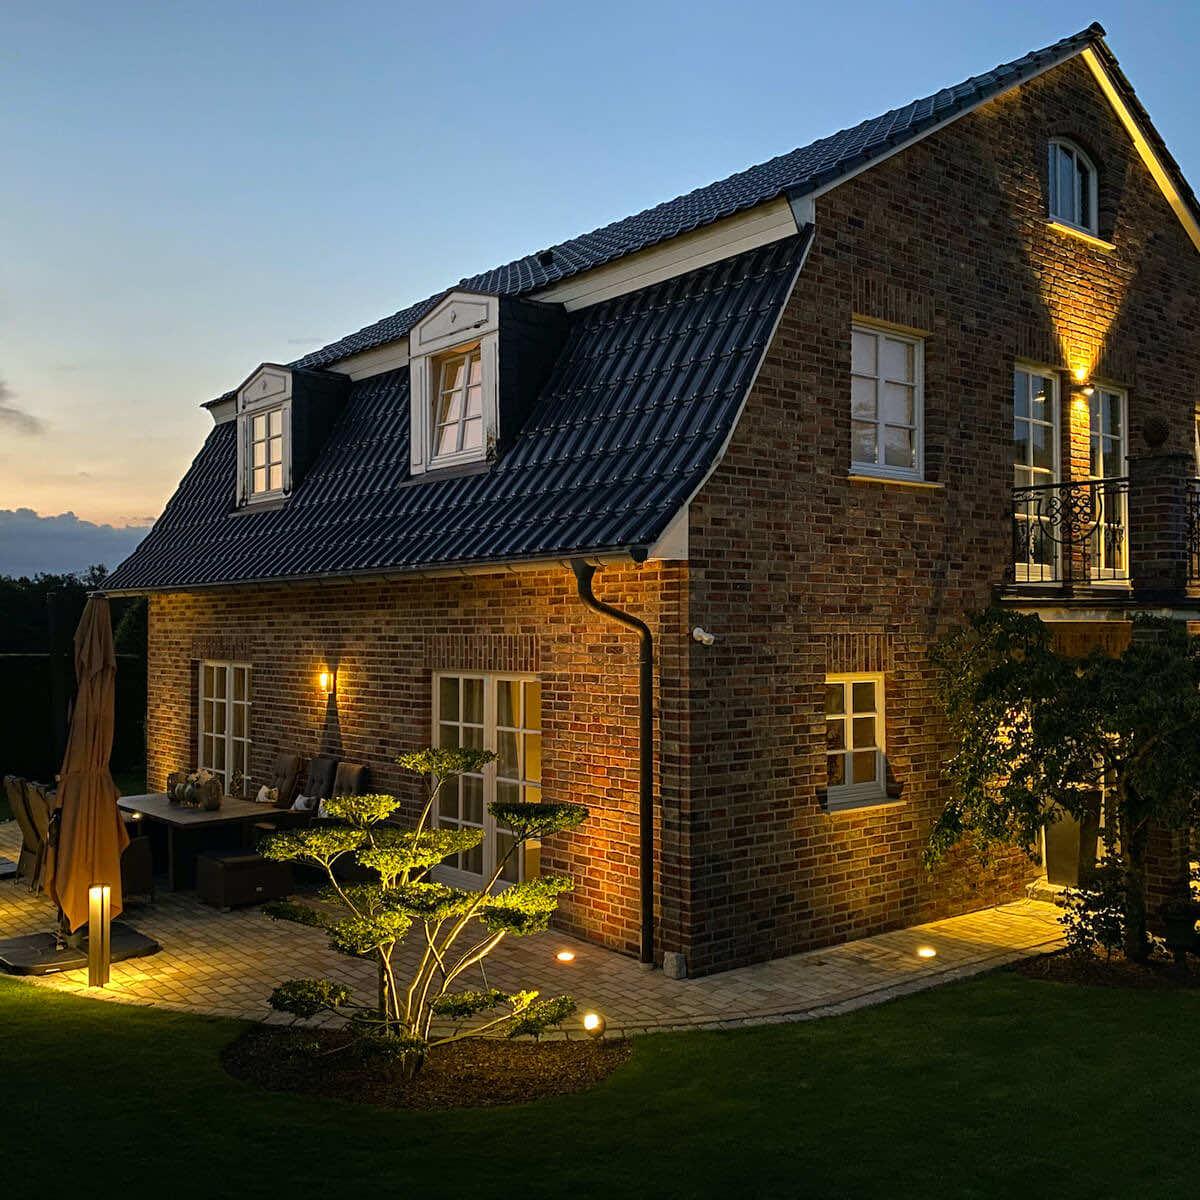 Outdoorbeleuchtung | Privatkunde Brilon | Leuchten Lukassen